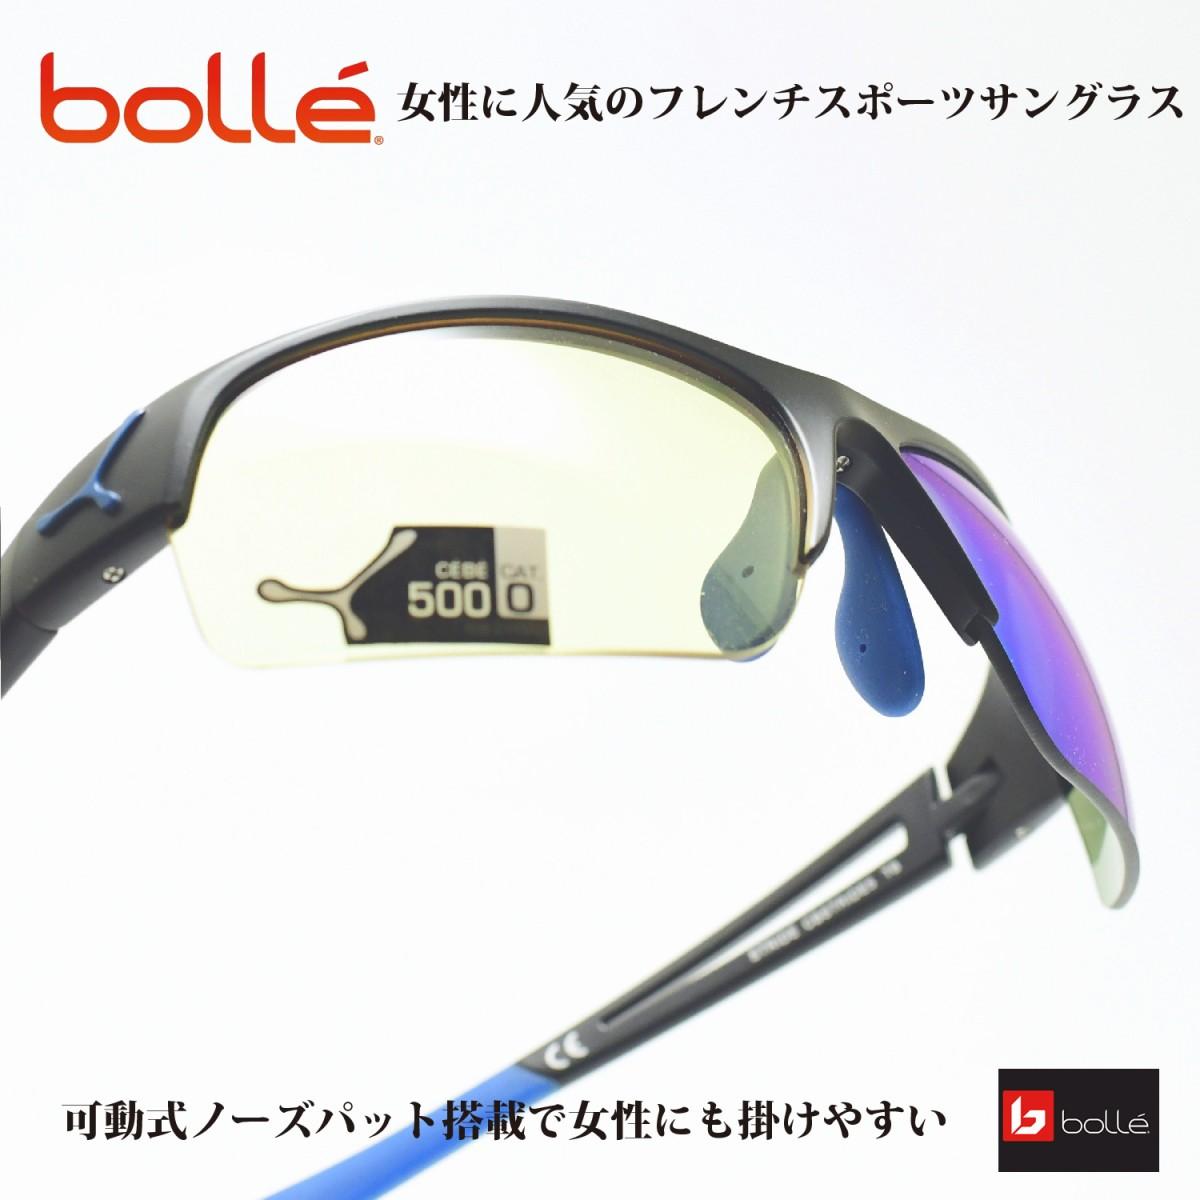 CEBE STRIDE セベ ストライドMAT BLACK BLUE/YELLOW&GREY BLUE FLASH MIRRORメガネ 眼鏡 めがね メンズ レディース おしゃれ ブランド人気 おすすめ フレーム 流行り 度付き レンズ サングラス